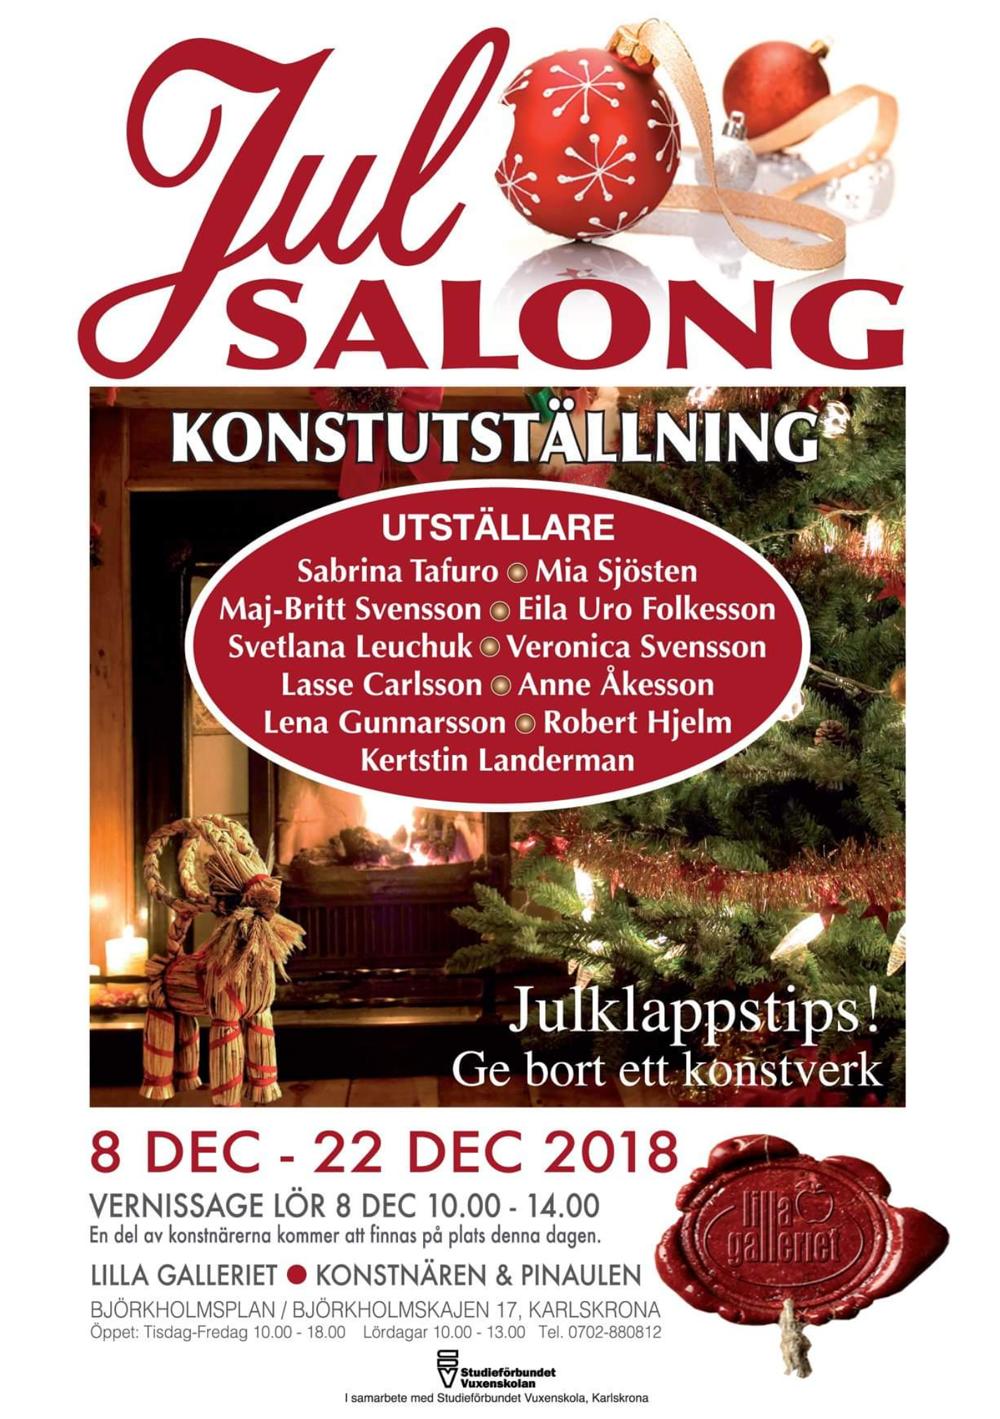 julsalongen-konst-karlskrona-Lilla galleriet